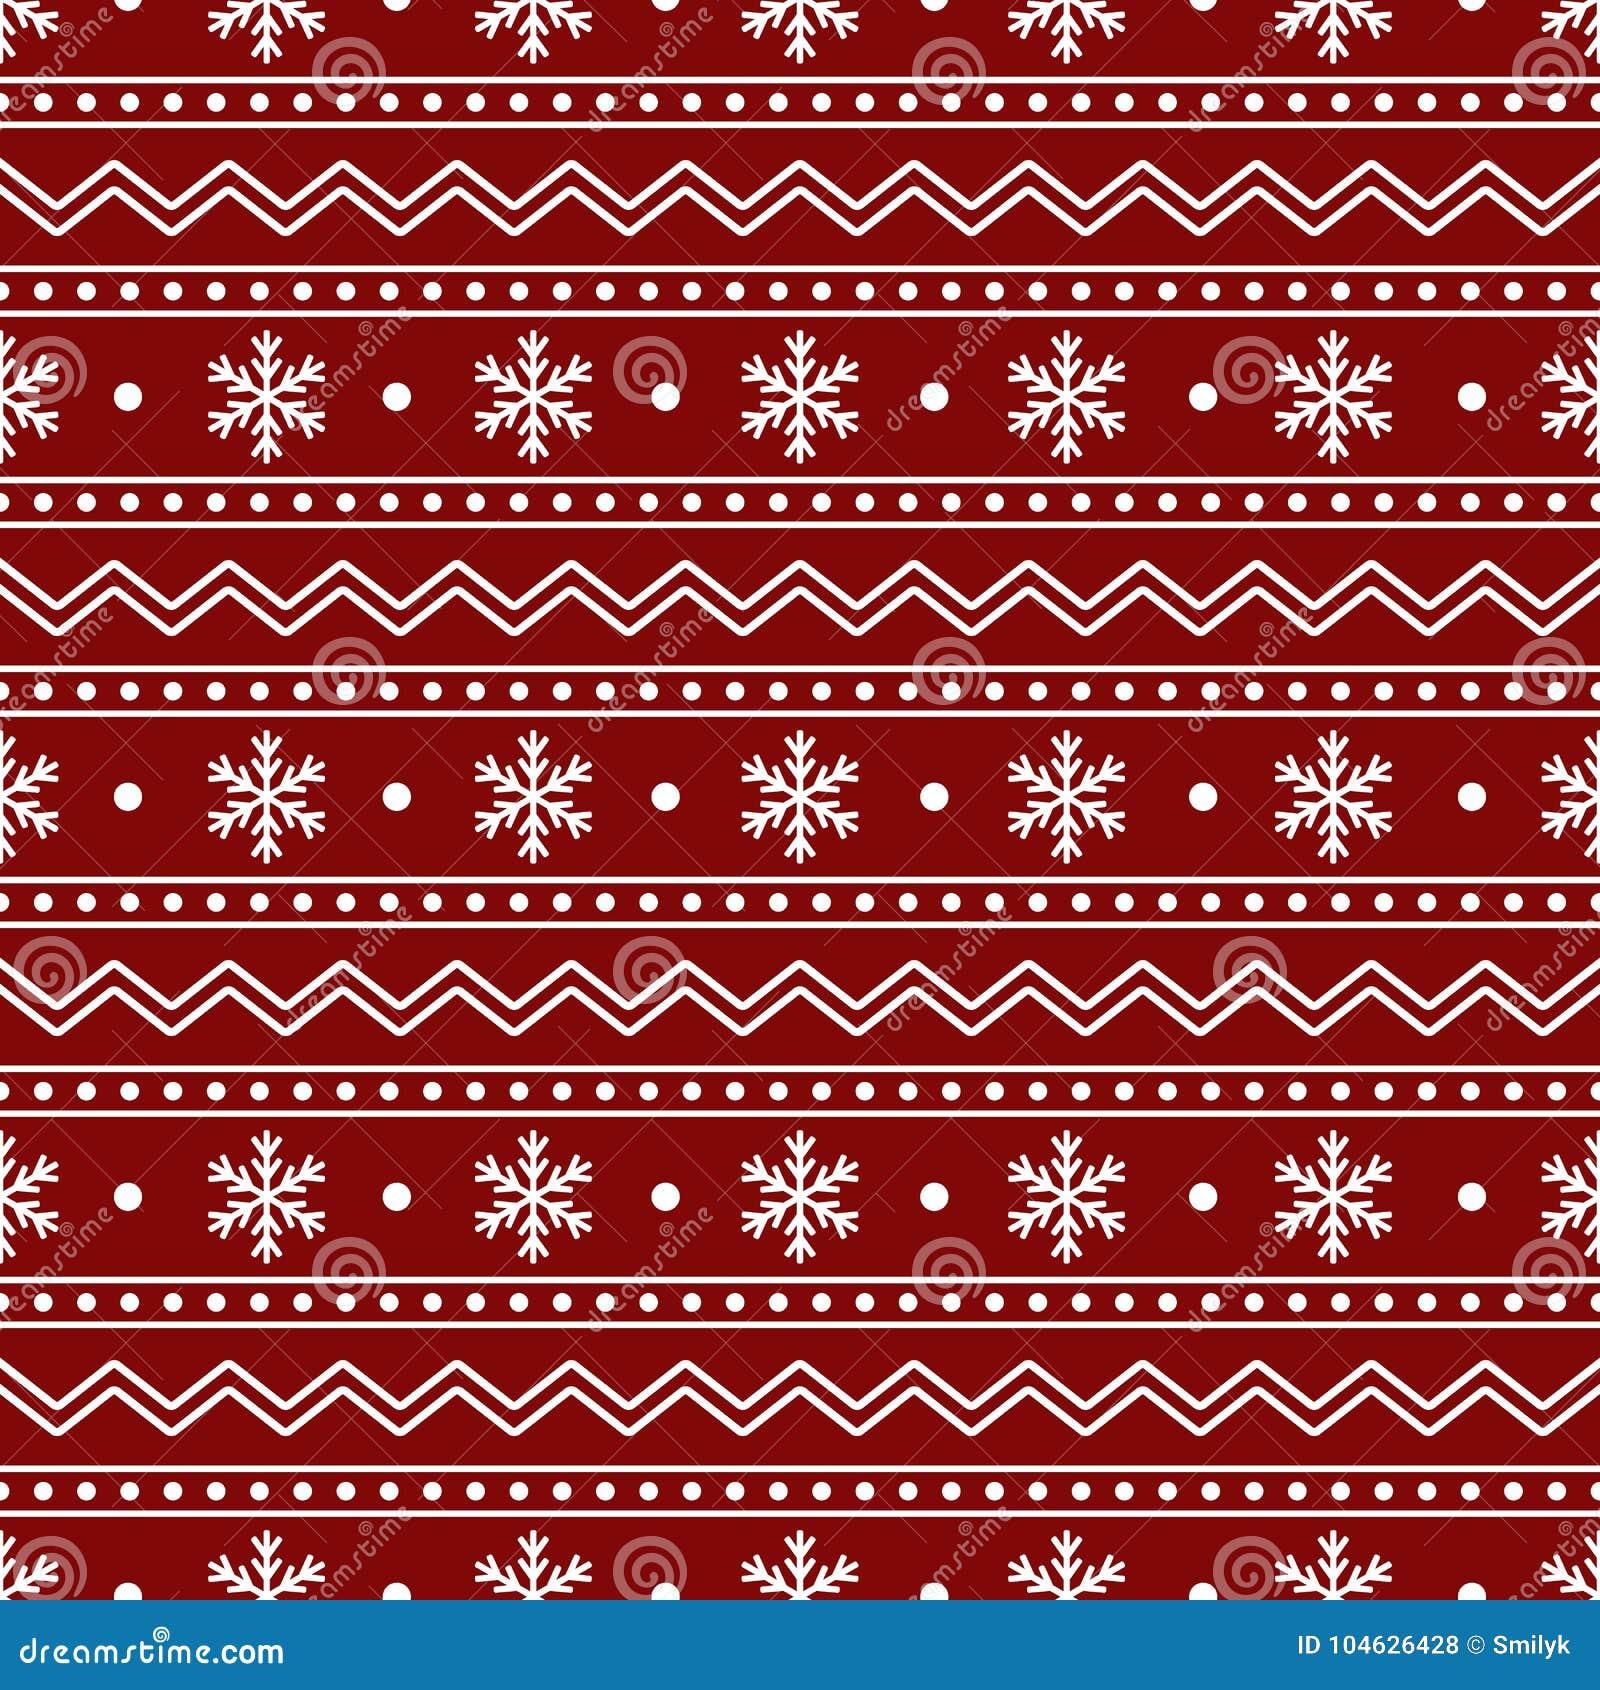 Download Kerstmis Naadloos Patroon Van Witte Sneeuwvlokken En Lijnen Op Rood Vector Illustratie - Illustratie bestaande uit christmastime, sneeuwvlok: 104626428